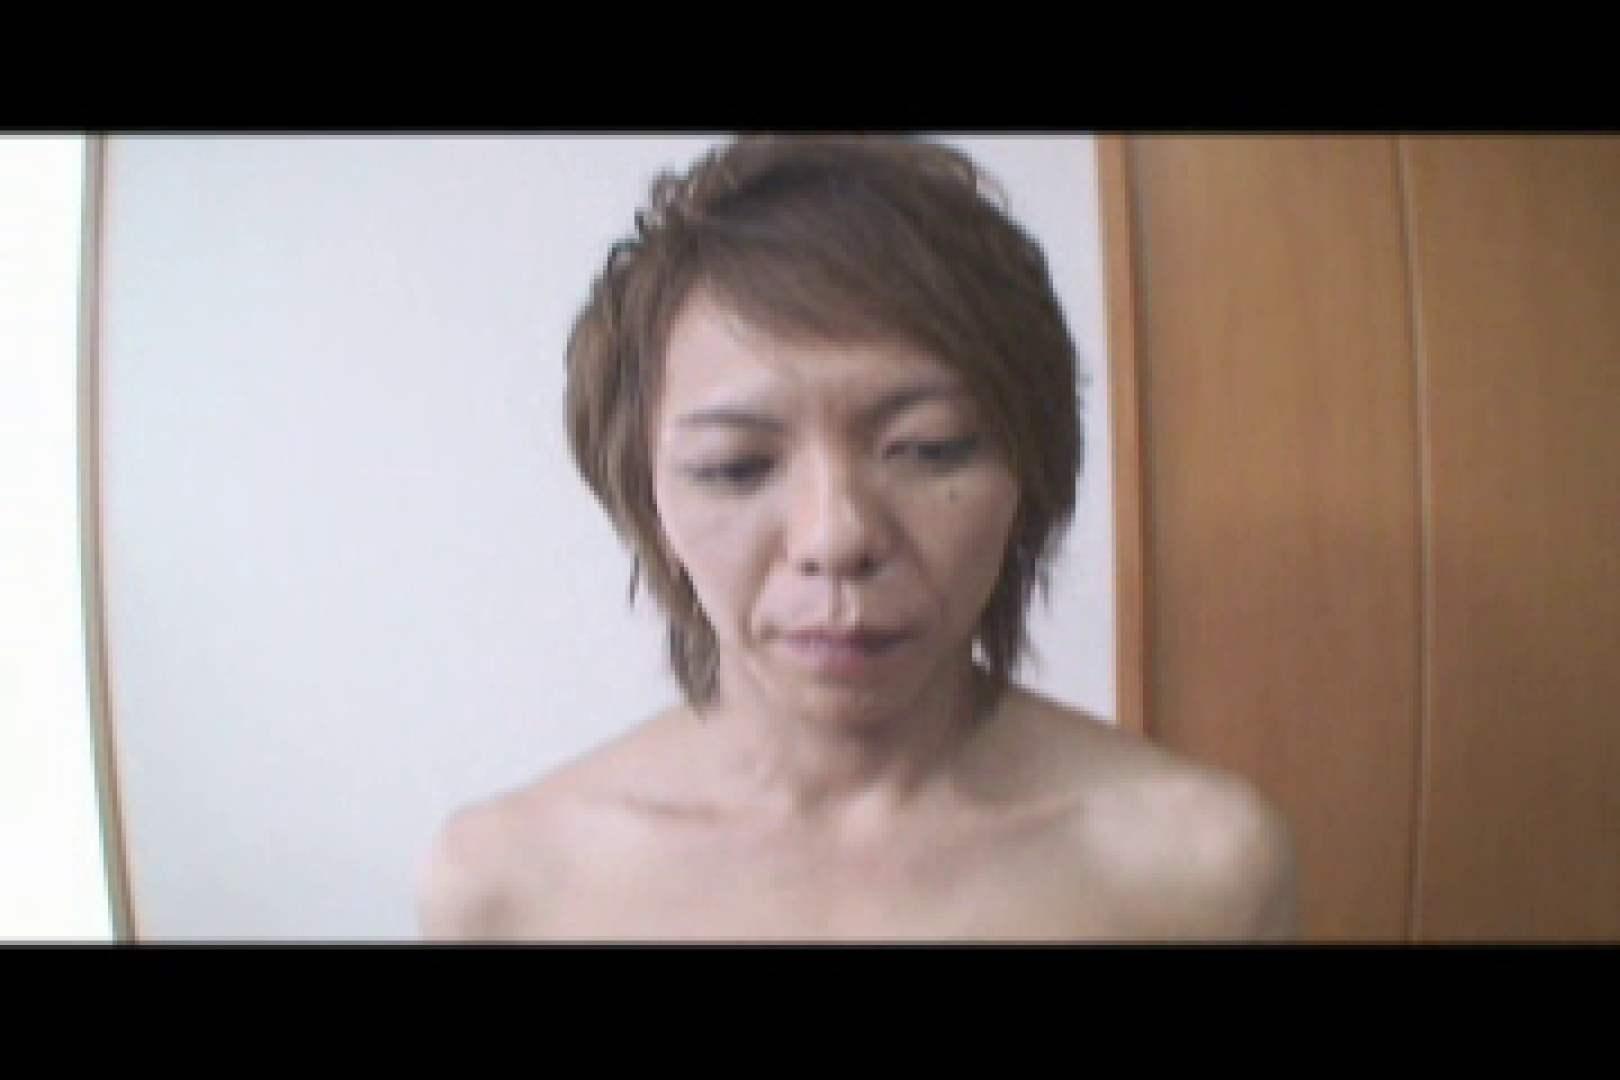 美男子コレクションvol6 玩具   野外露出動画 ゲイアダルトビデオ画像 86pic 21